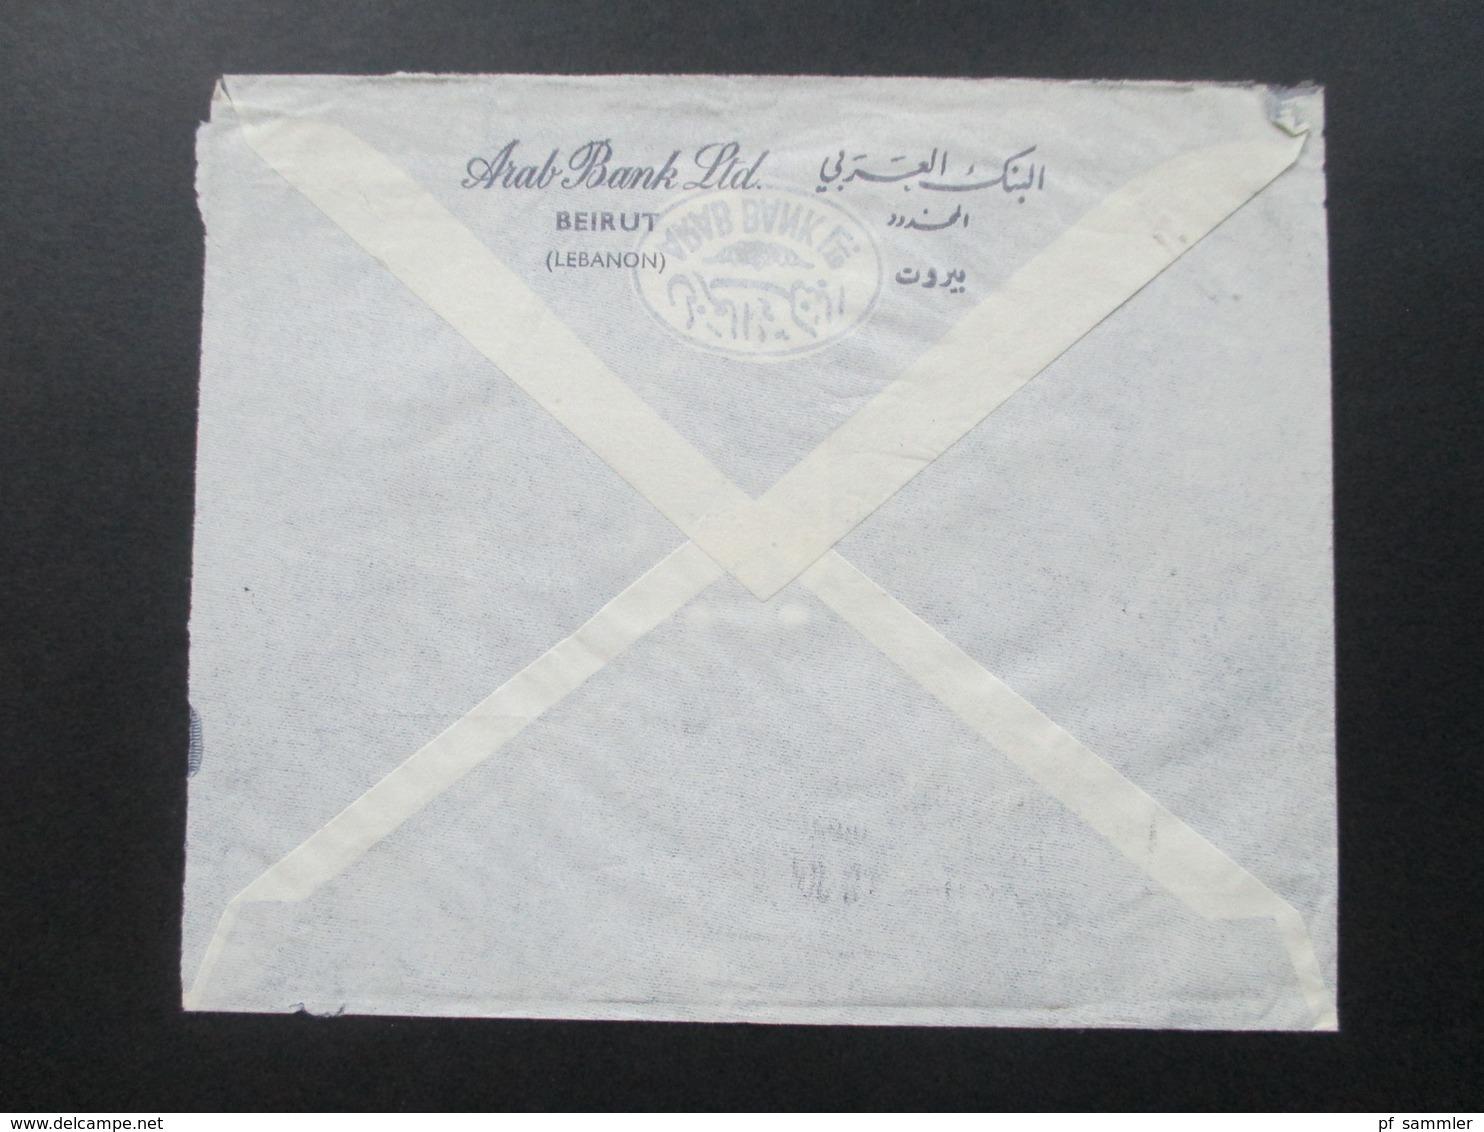 Libanon 1963 Luftpost / Air Mail Arab Bank Ltd. Beirut. Motivmarken Früchte / Obst. An Die Deutsche Bank Hannover - Libanon